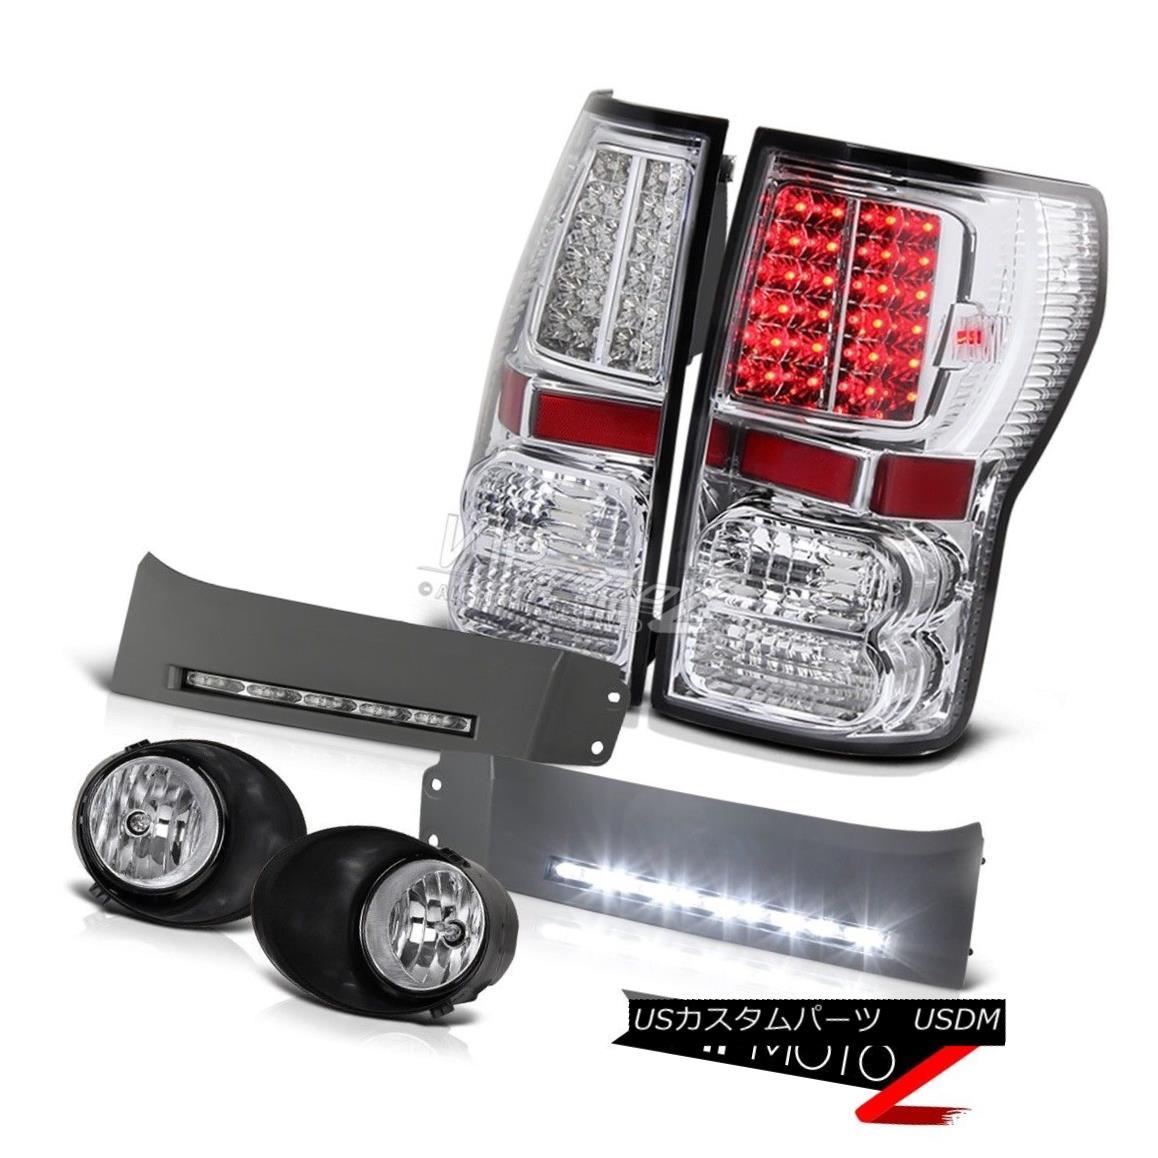 テールライト 2007-13 Tundra Exclusive Chrome LED Taillights Clear Fog Bumper+DRL LED Trim Fog 2007?13年トンドラ独占クロームLEDテールライトクリアフォグバンパー+ DRL LEDトリムフォグ